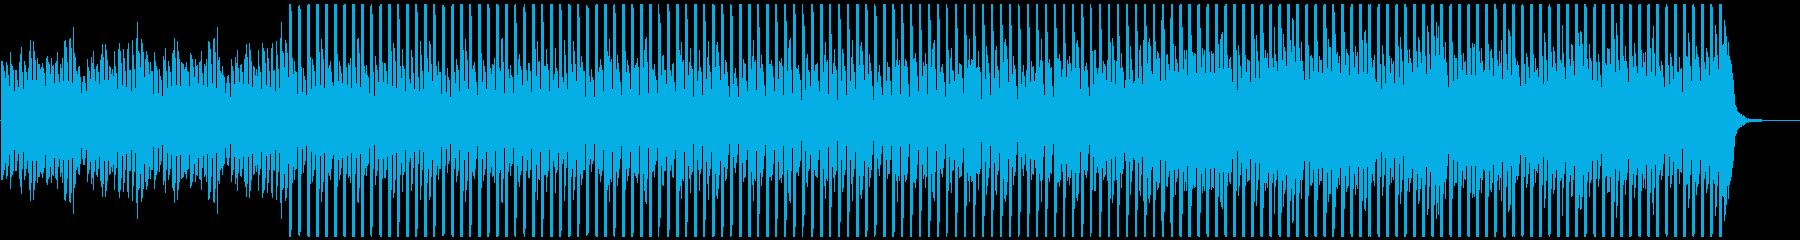 コーポレートに!かわいい・わくわくMの再生済みの波形